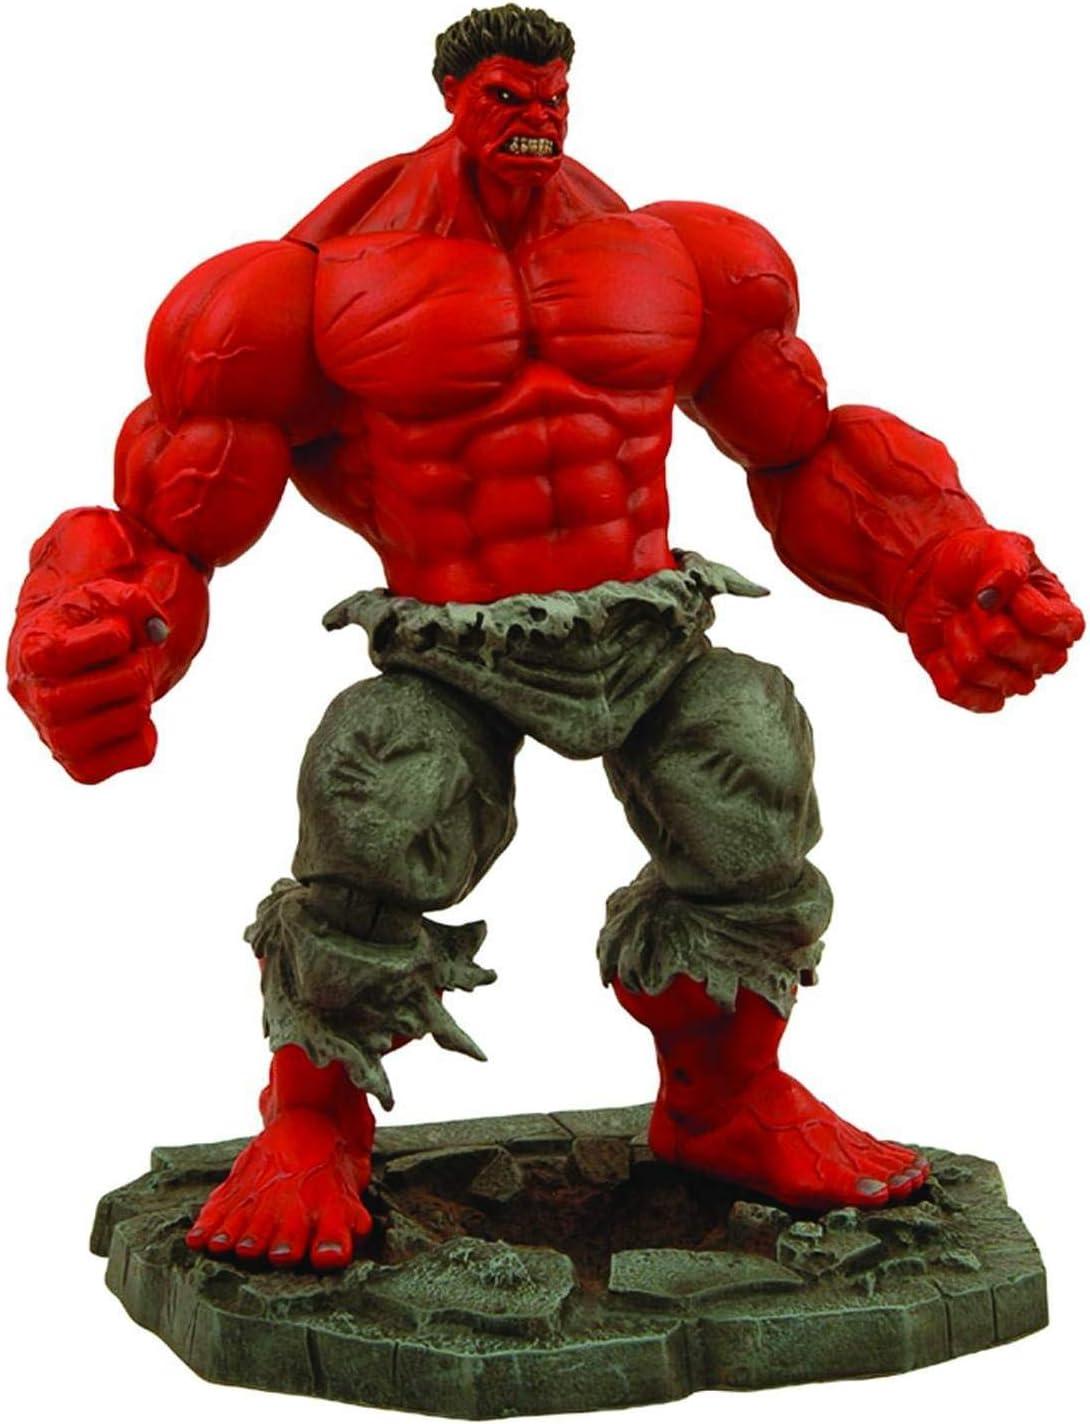 正規品 Marvel Select Red Action Figure 推奨 Hulk